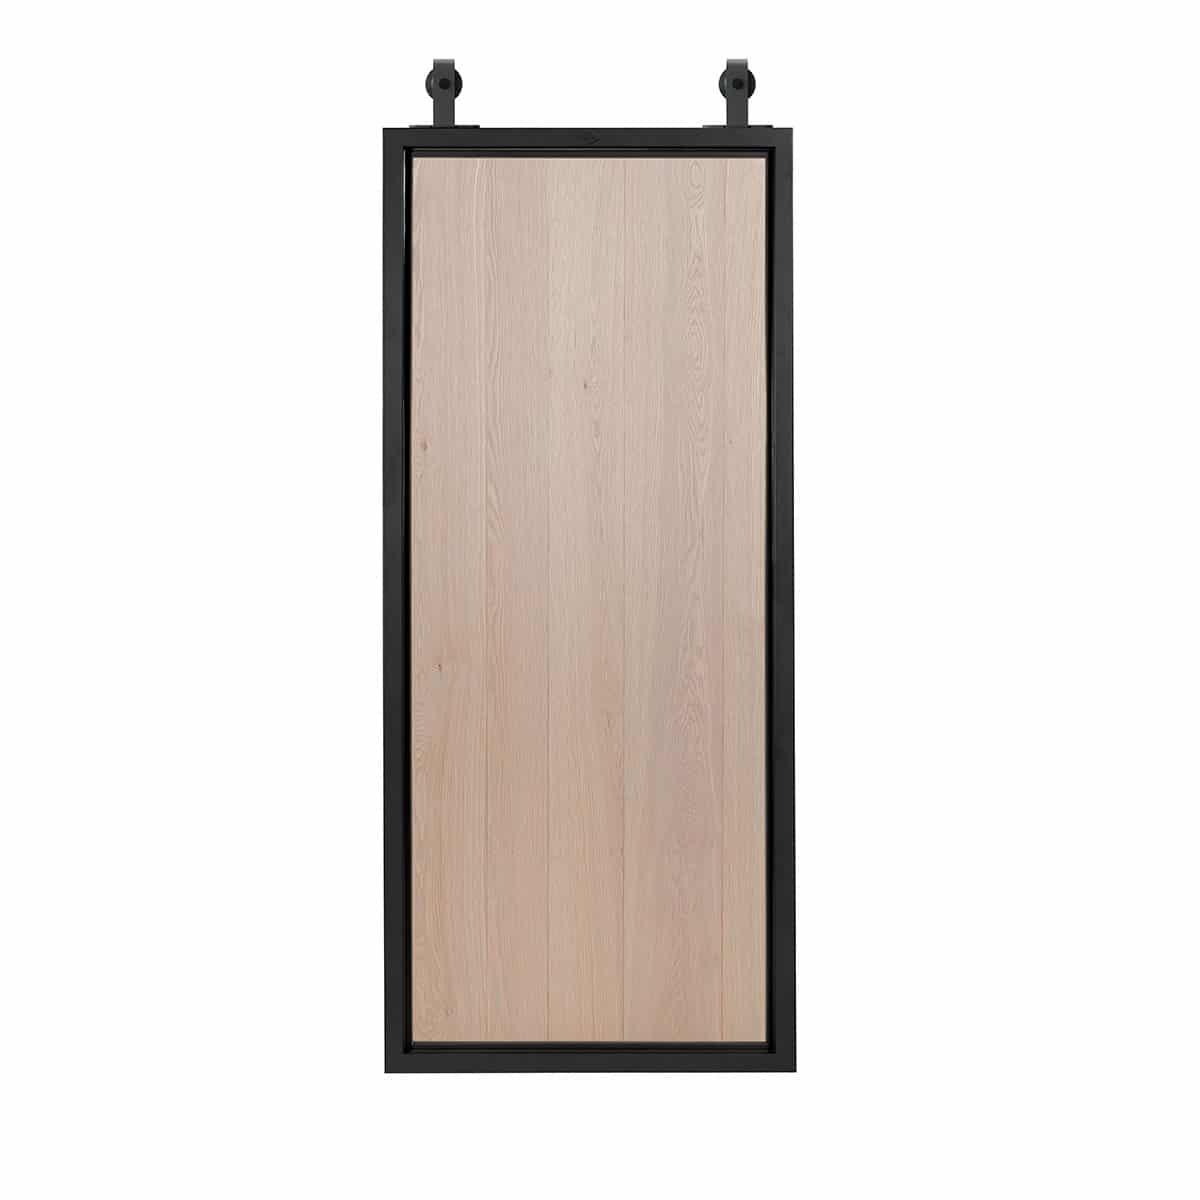 Oak rustic Slide door from steelit